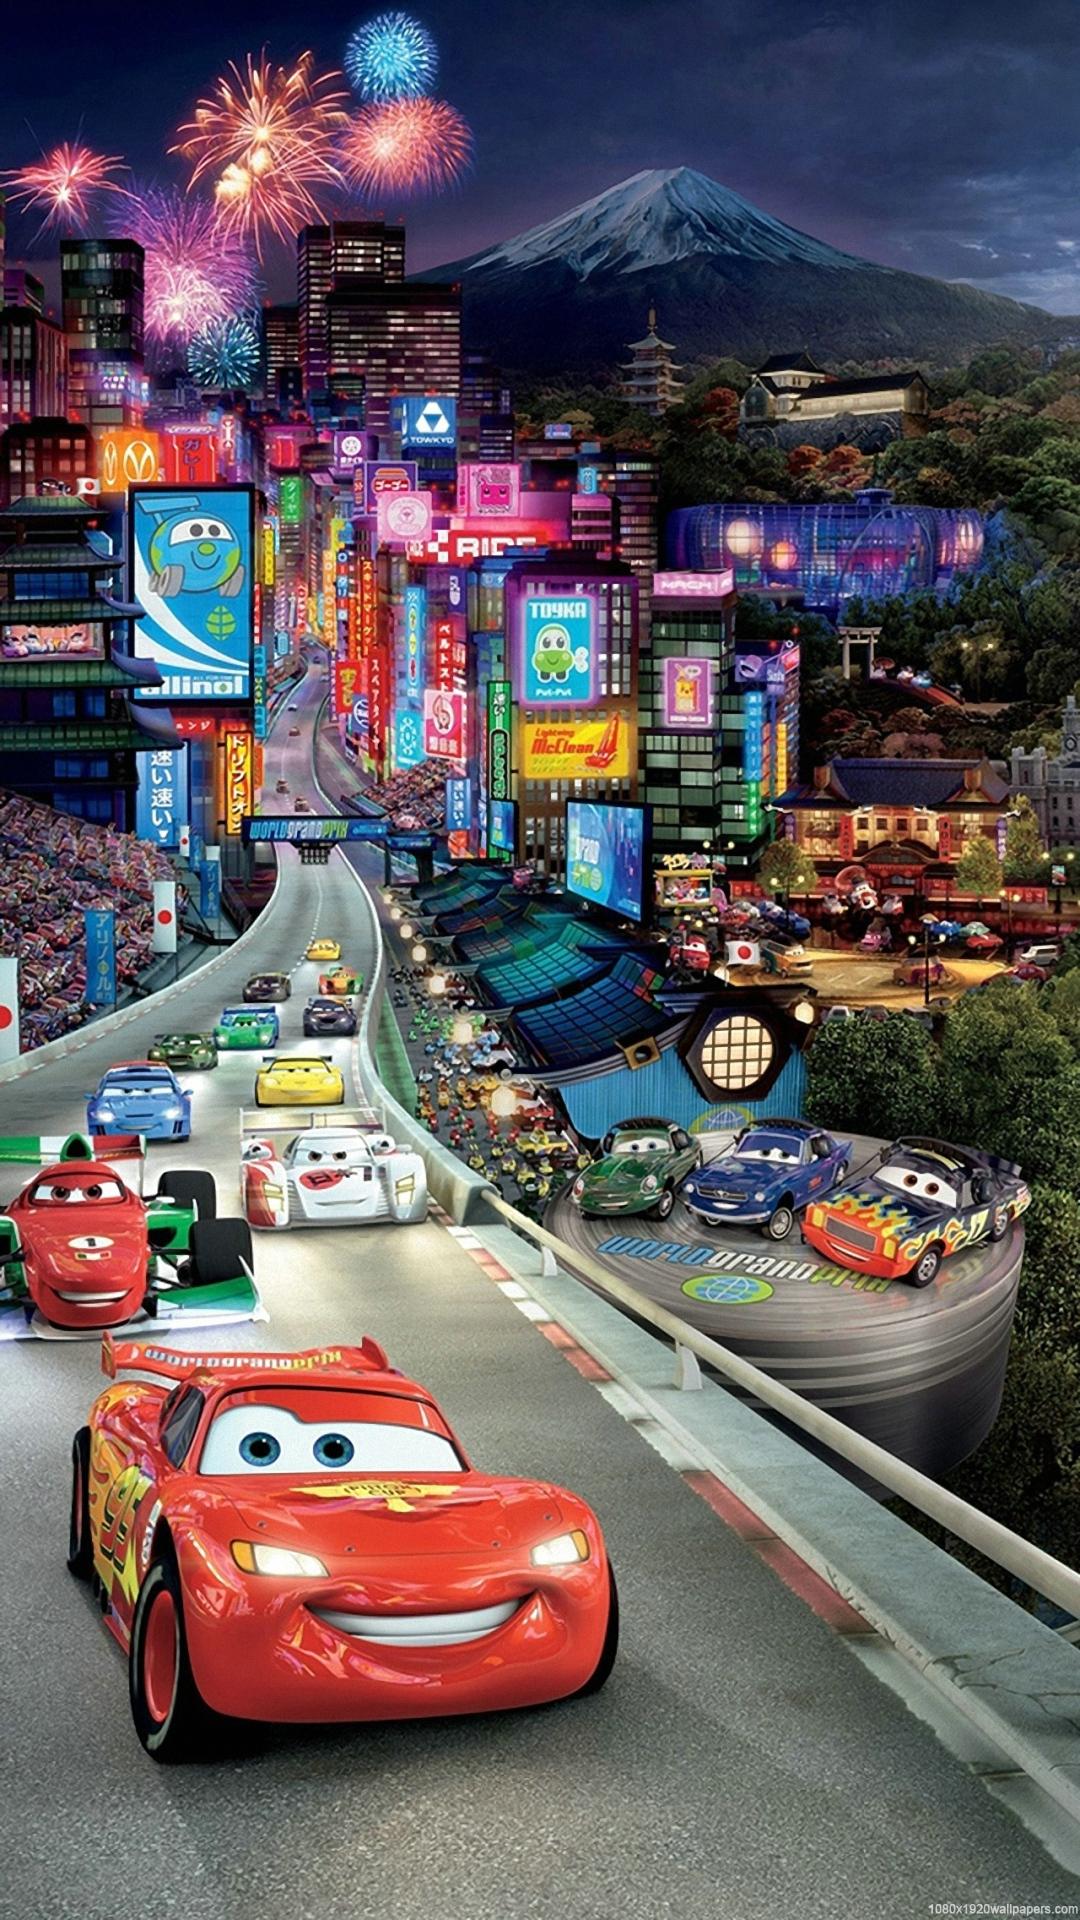 Disney Movie Quotes Wallpaper Free Download Disney Iphone Backgrounds Pixelstalk Net